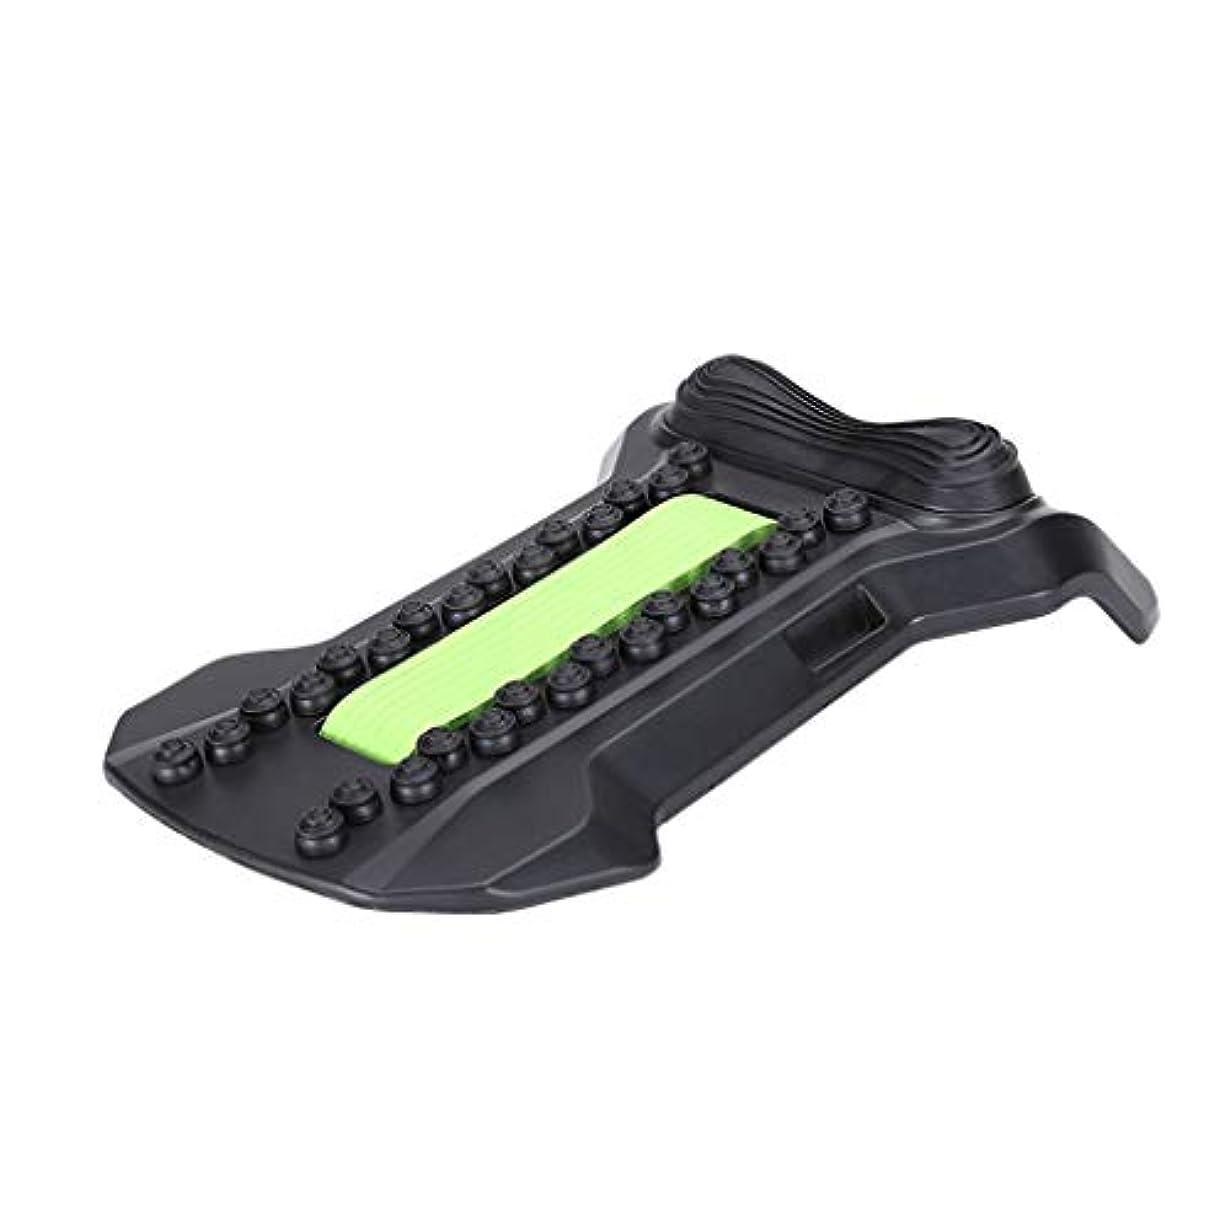 たくさん作成者チケット背部マッサージャーの伸張装置、腰椎サポート弛緩の魔法の伸張器の適性の仲間の脊椎の痛みを和らげるカイロプラクター,Green